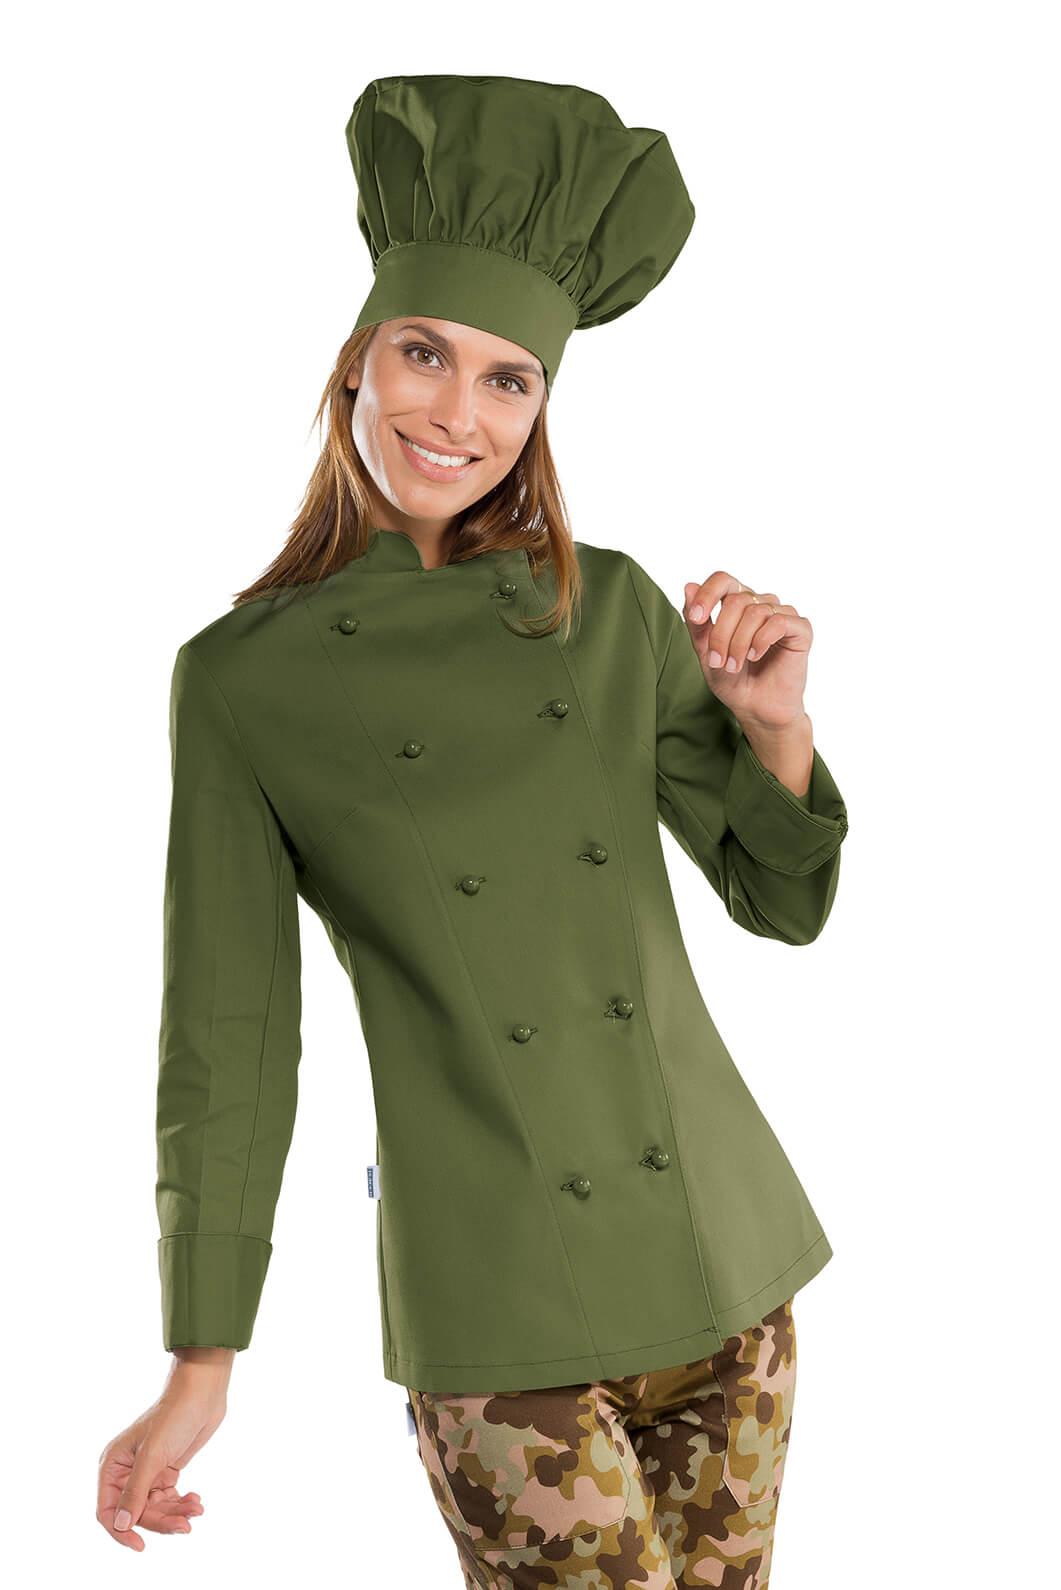 veste cuisine femme vert olive v tements de cuisine femme. Black Bedroom Furniture Sets. Home Design Ideas